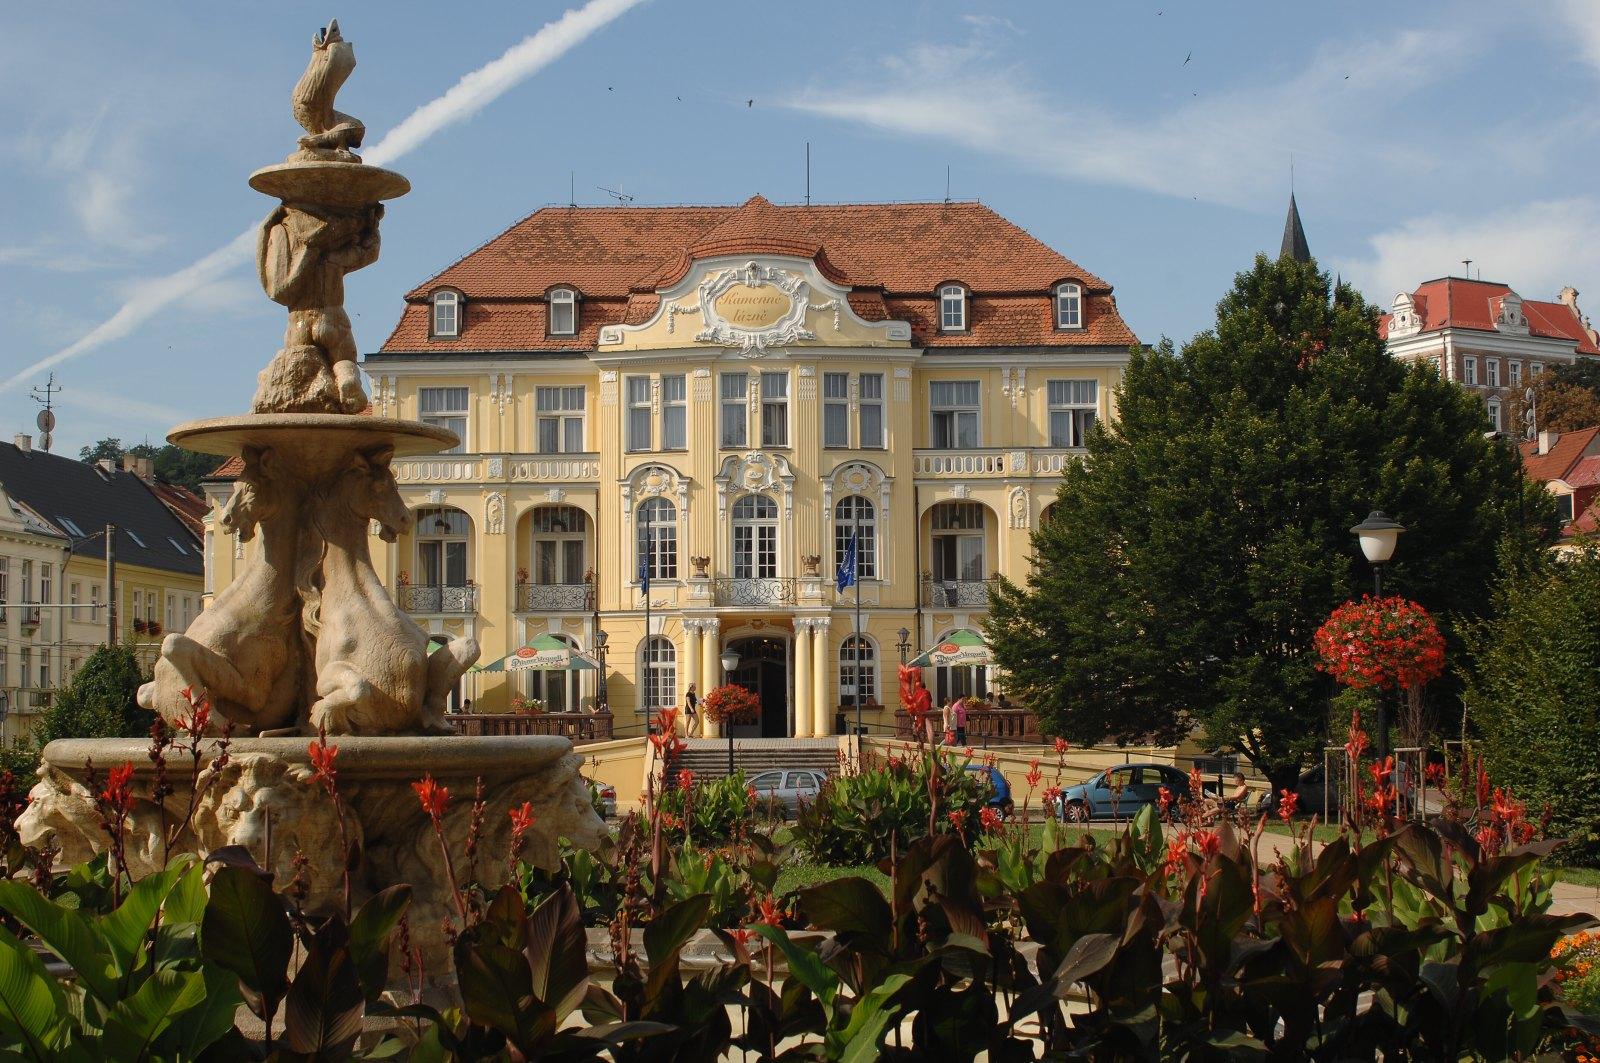 детские санатории чехии. лечение дцп в чехии